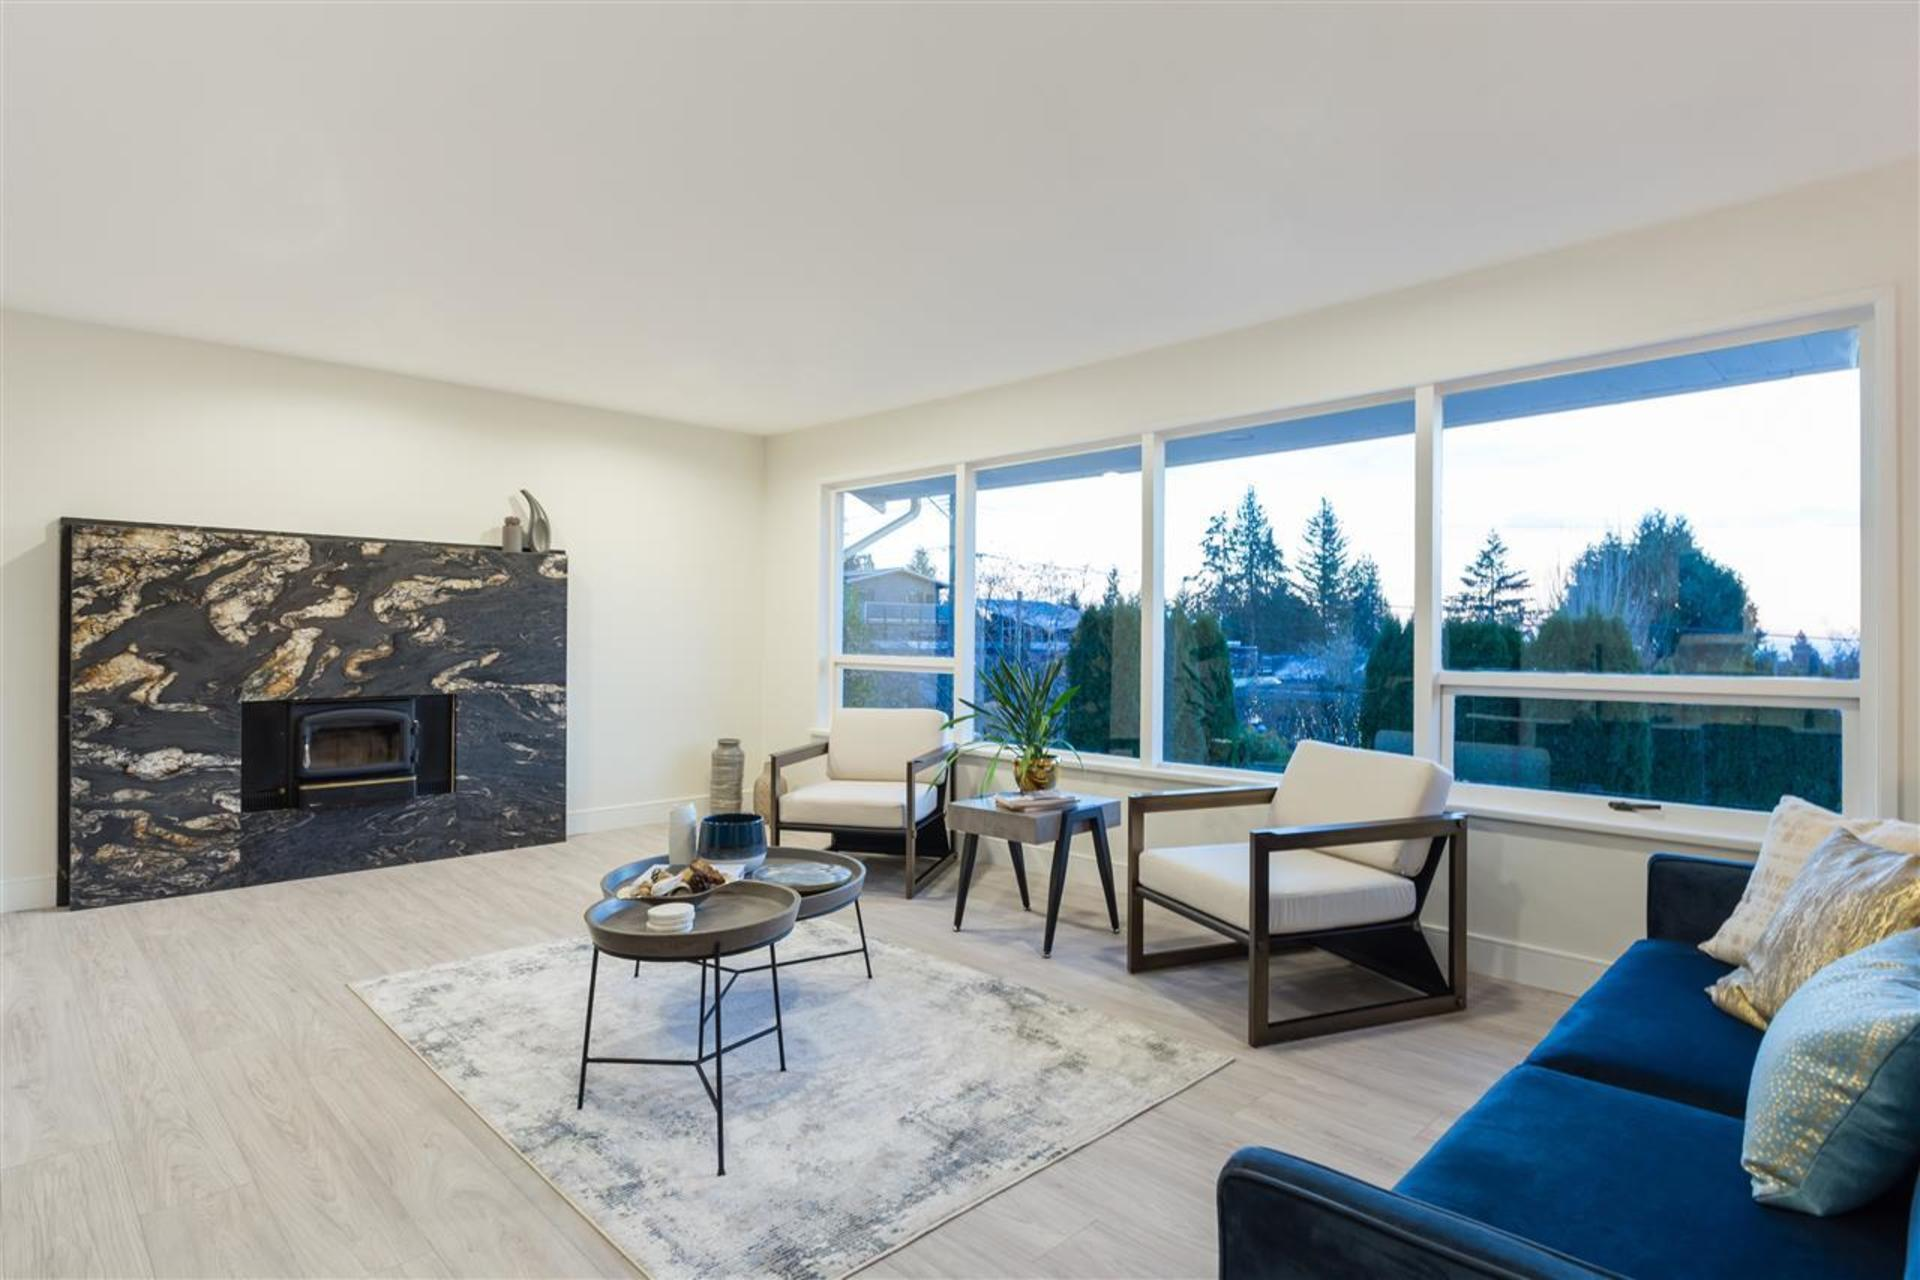 784-sylvan-avenue-canyon-heights-nv-north-vancouver-13 at 784 Sylvan Avenue, Canyon Heights NV, North Vancouver